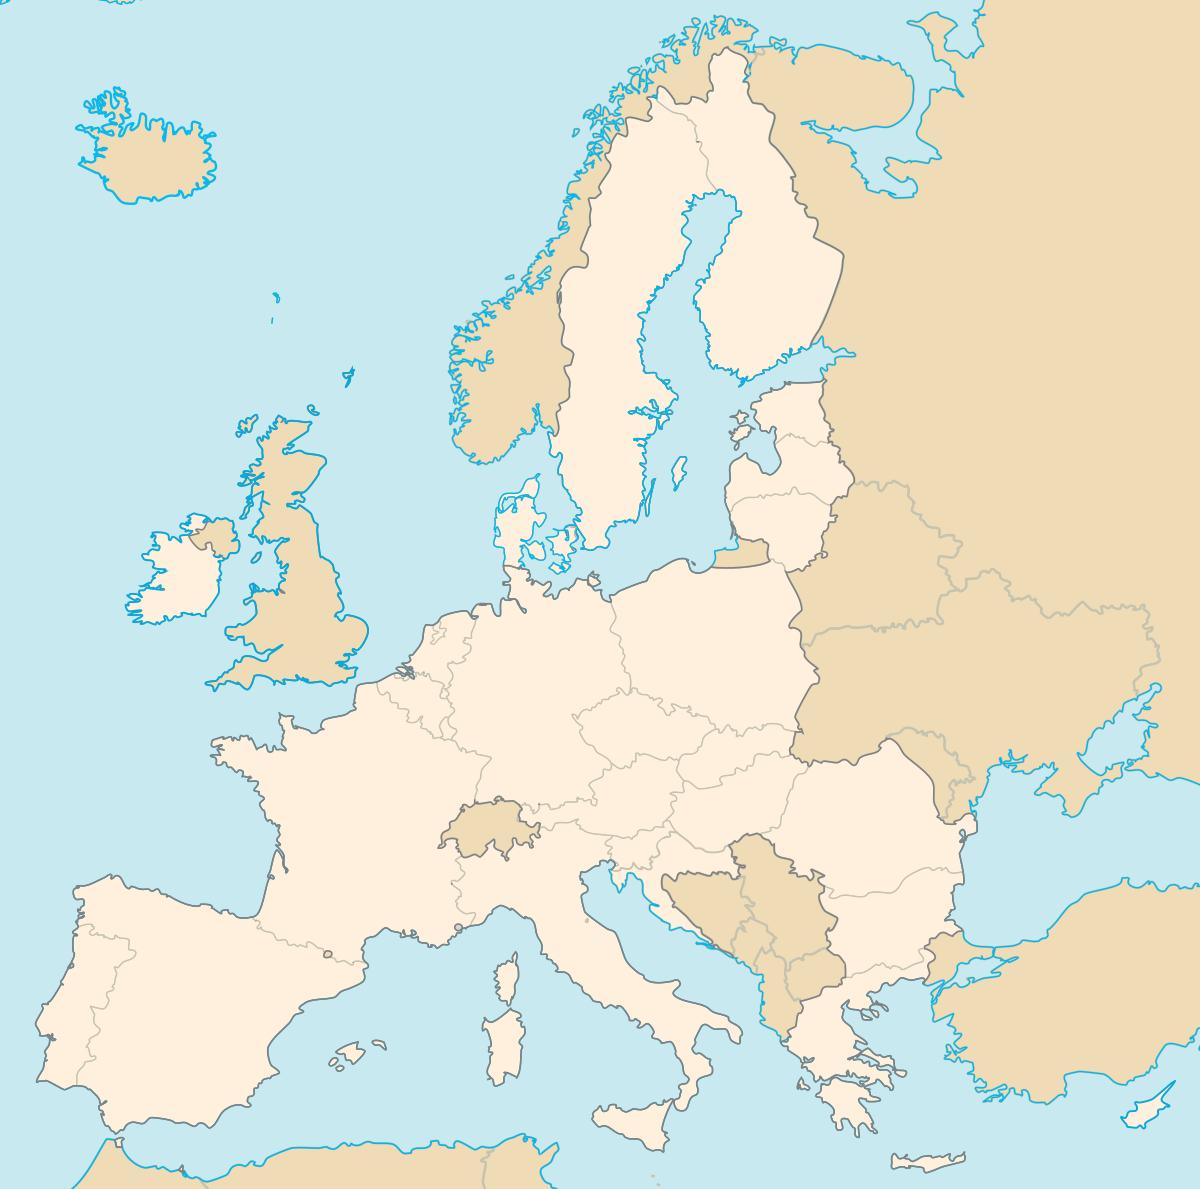 États Membres De L'union Européenne — Wikipédia à Tout Les Pays De L Union Européenne Et Leur Capital